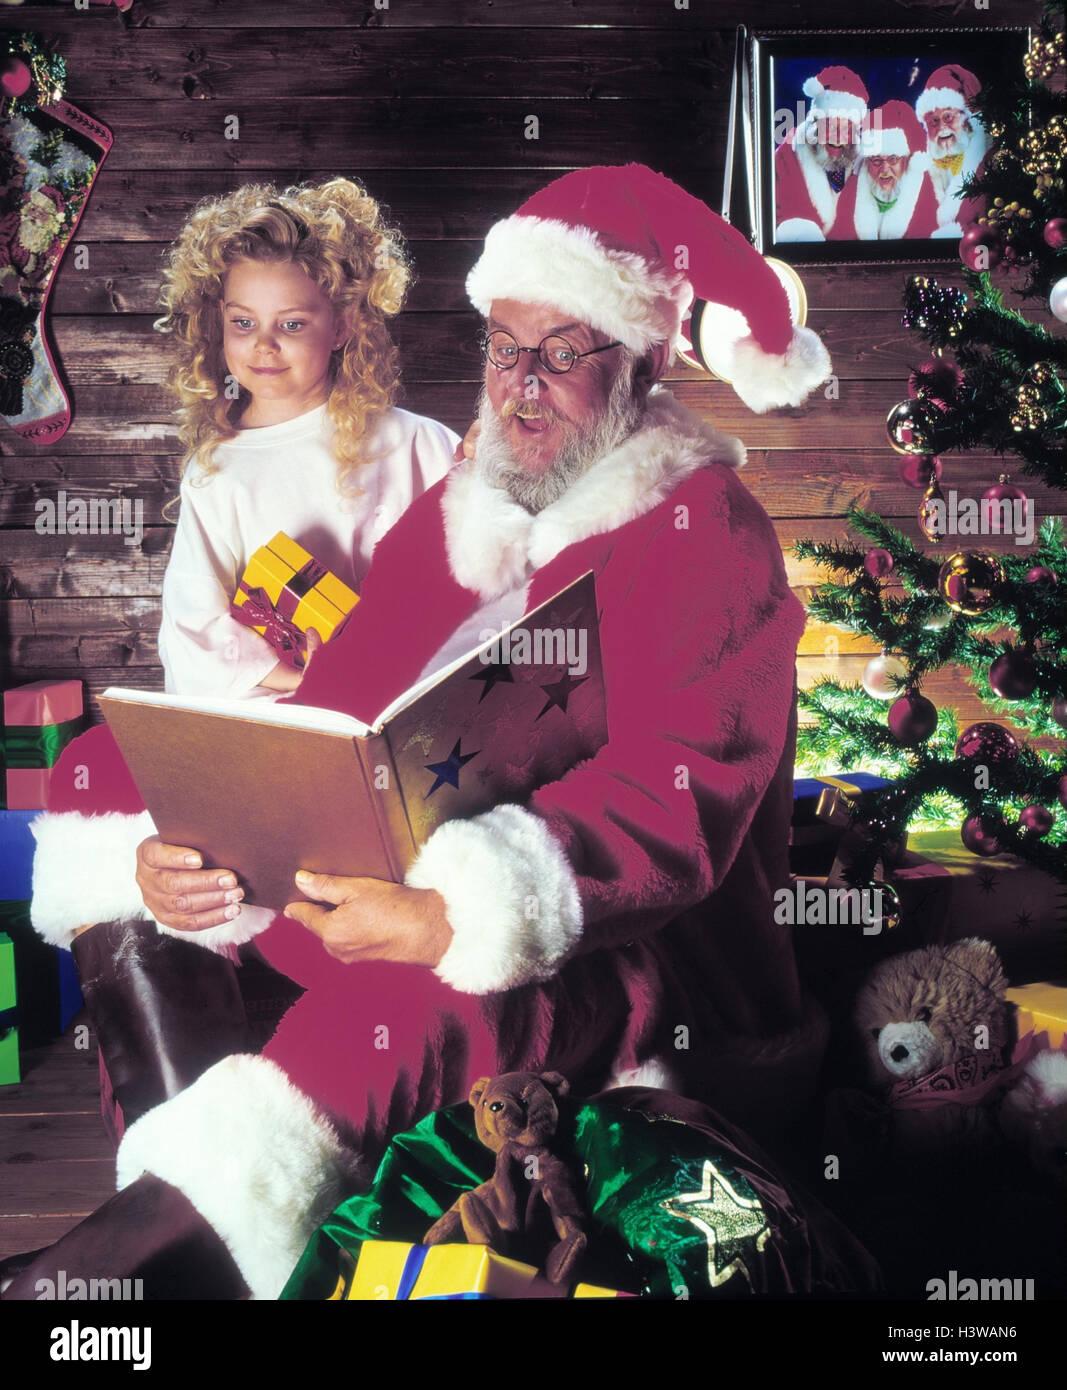 Weihnachtsmann, Engel, Buch Weihnachten, Kind, Mädchen, Geschenke ...